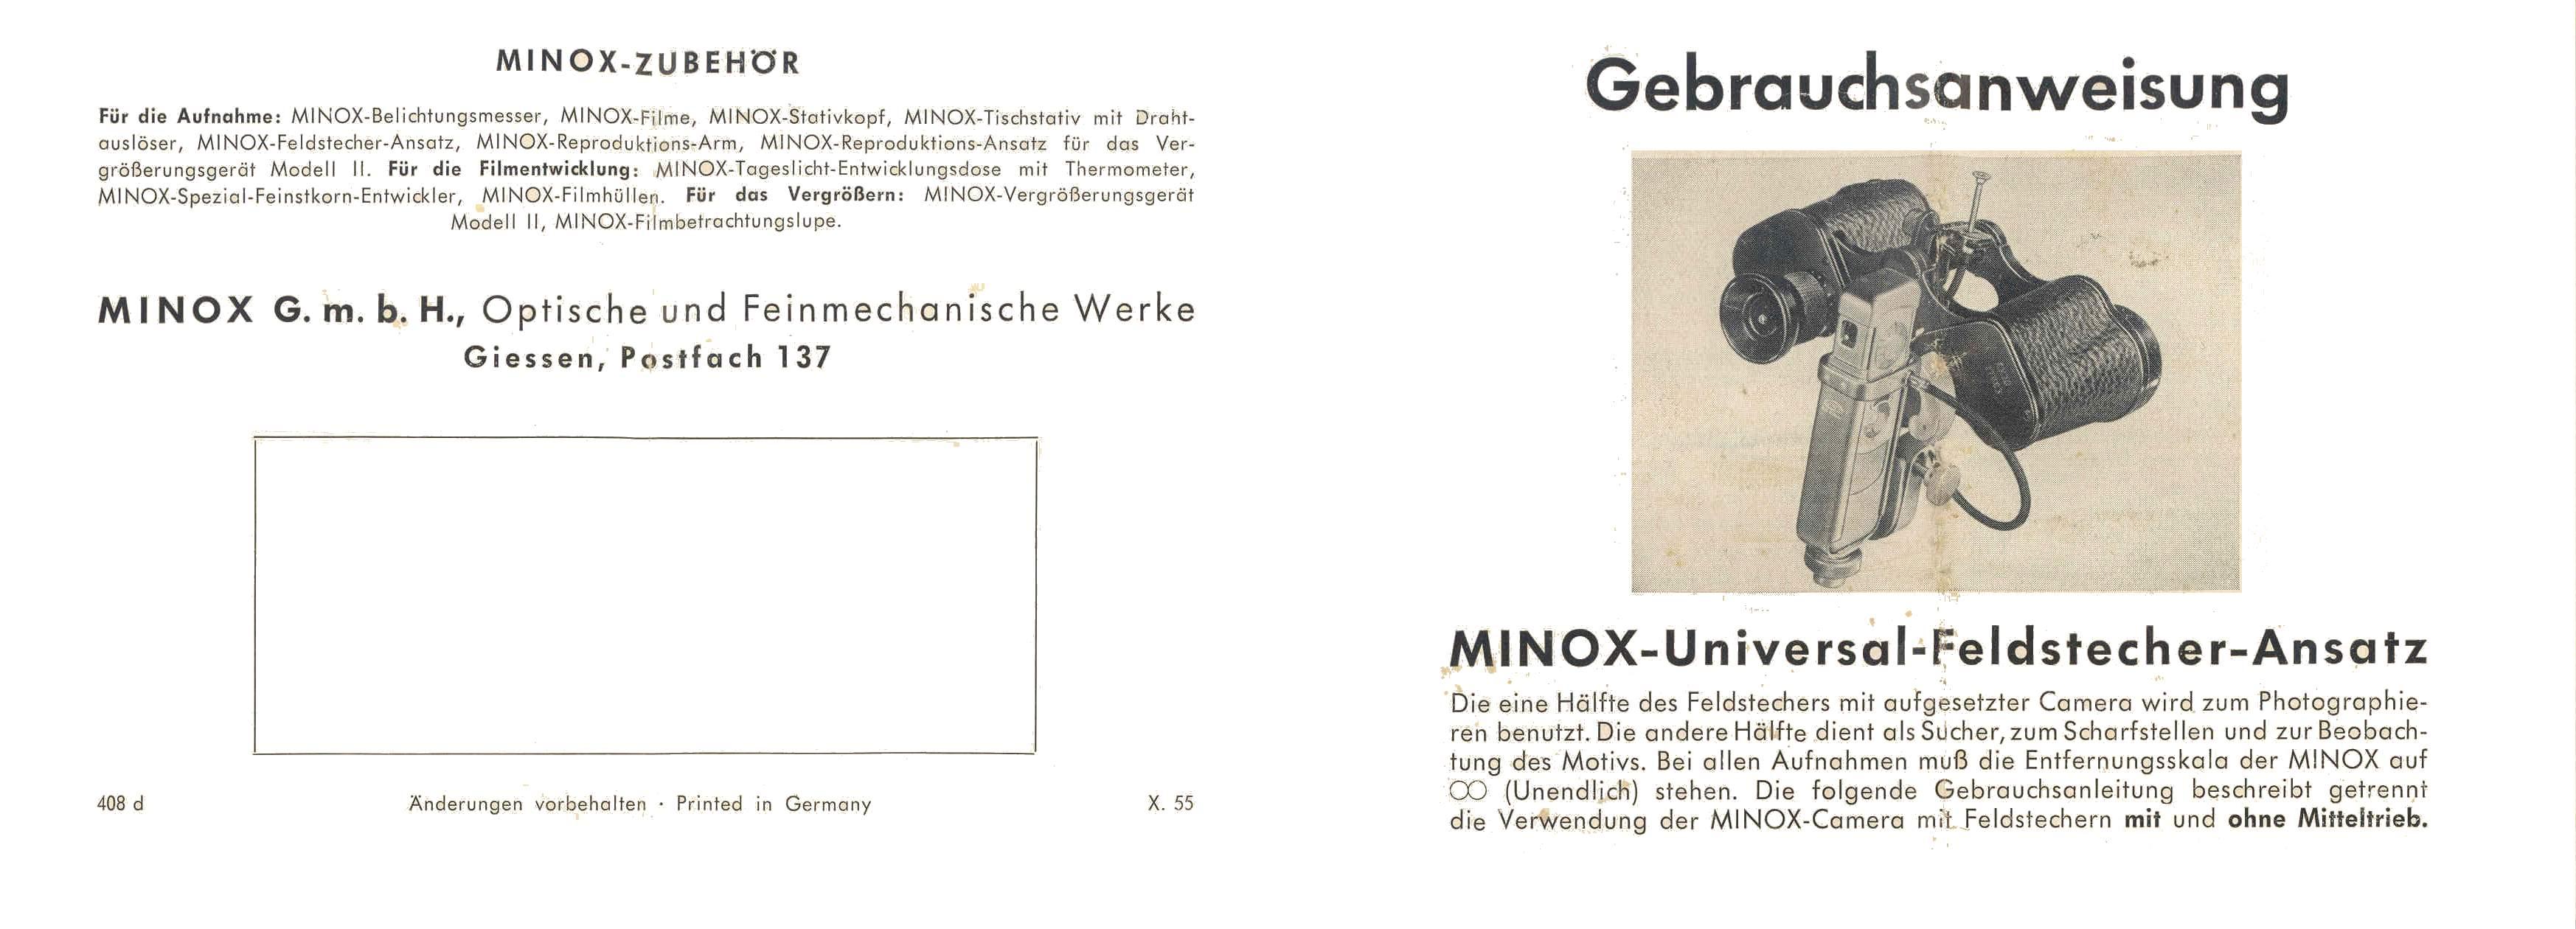 Minox Binocular Attachment Instructions 56/07e, 50/10d, 64/04d, 69 ...